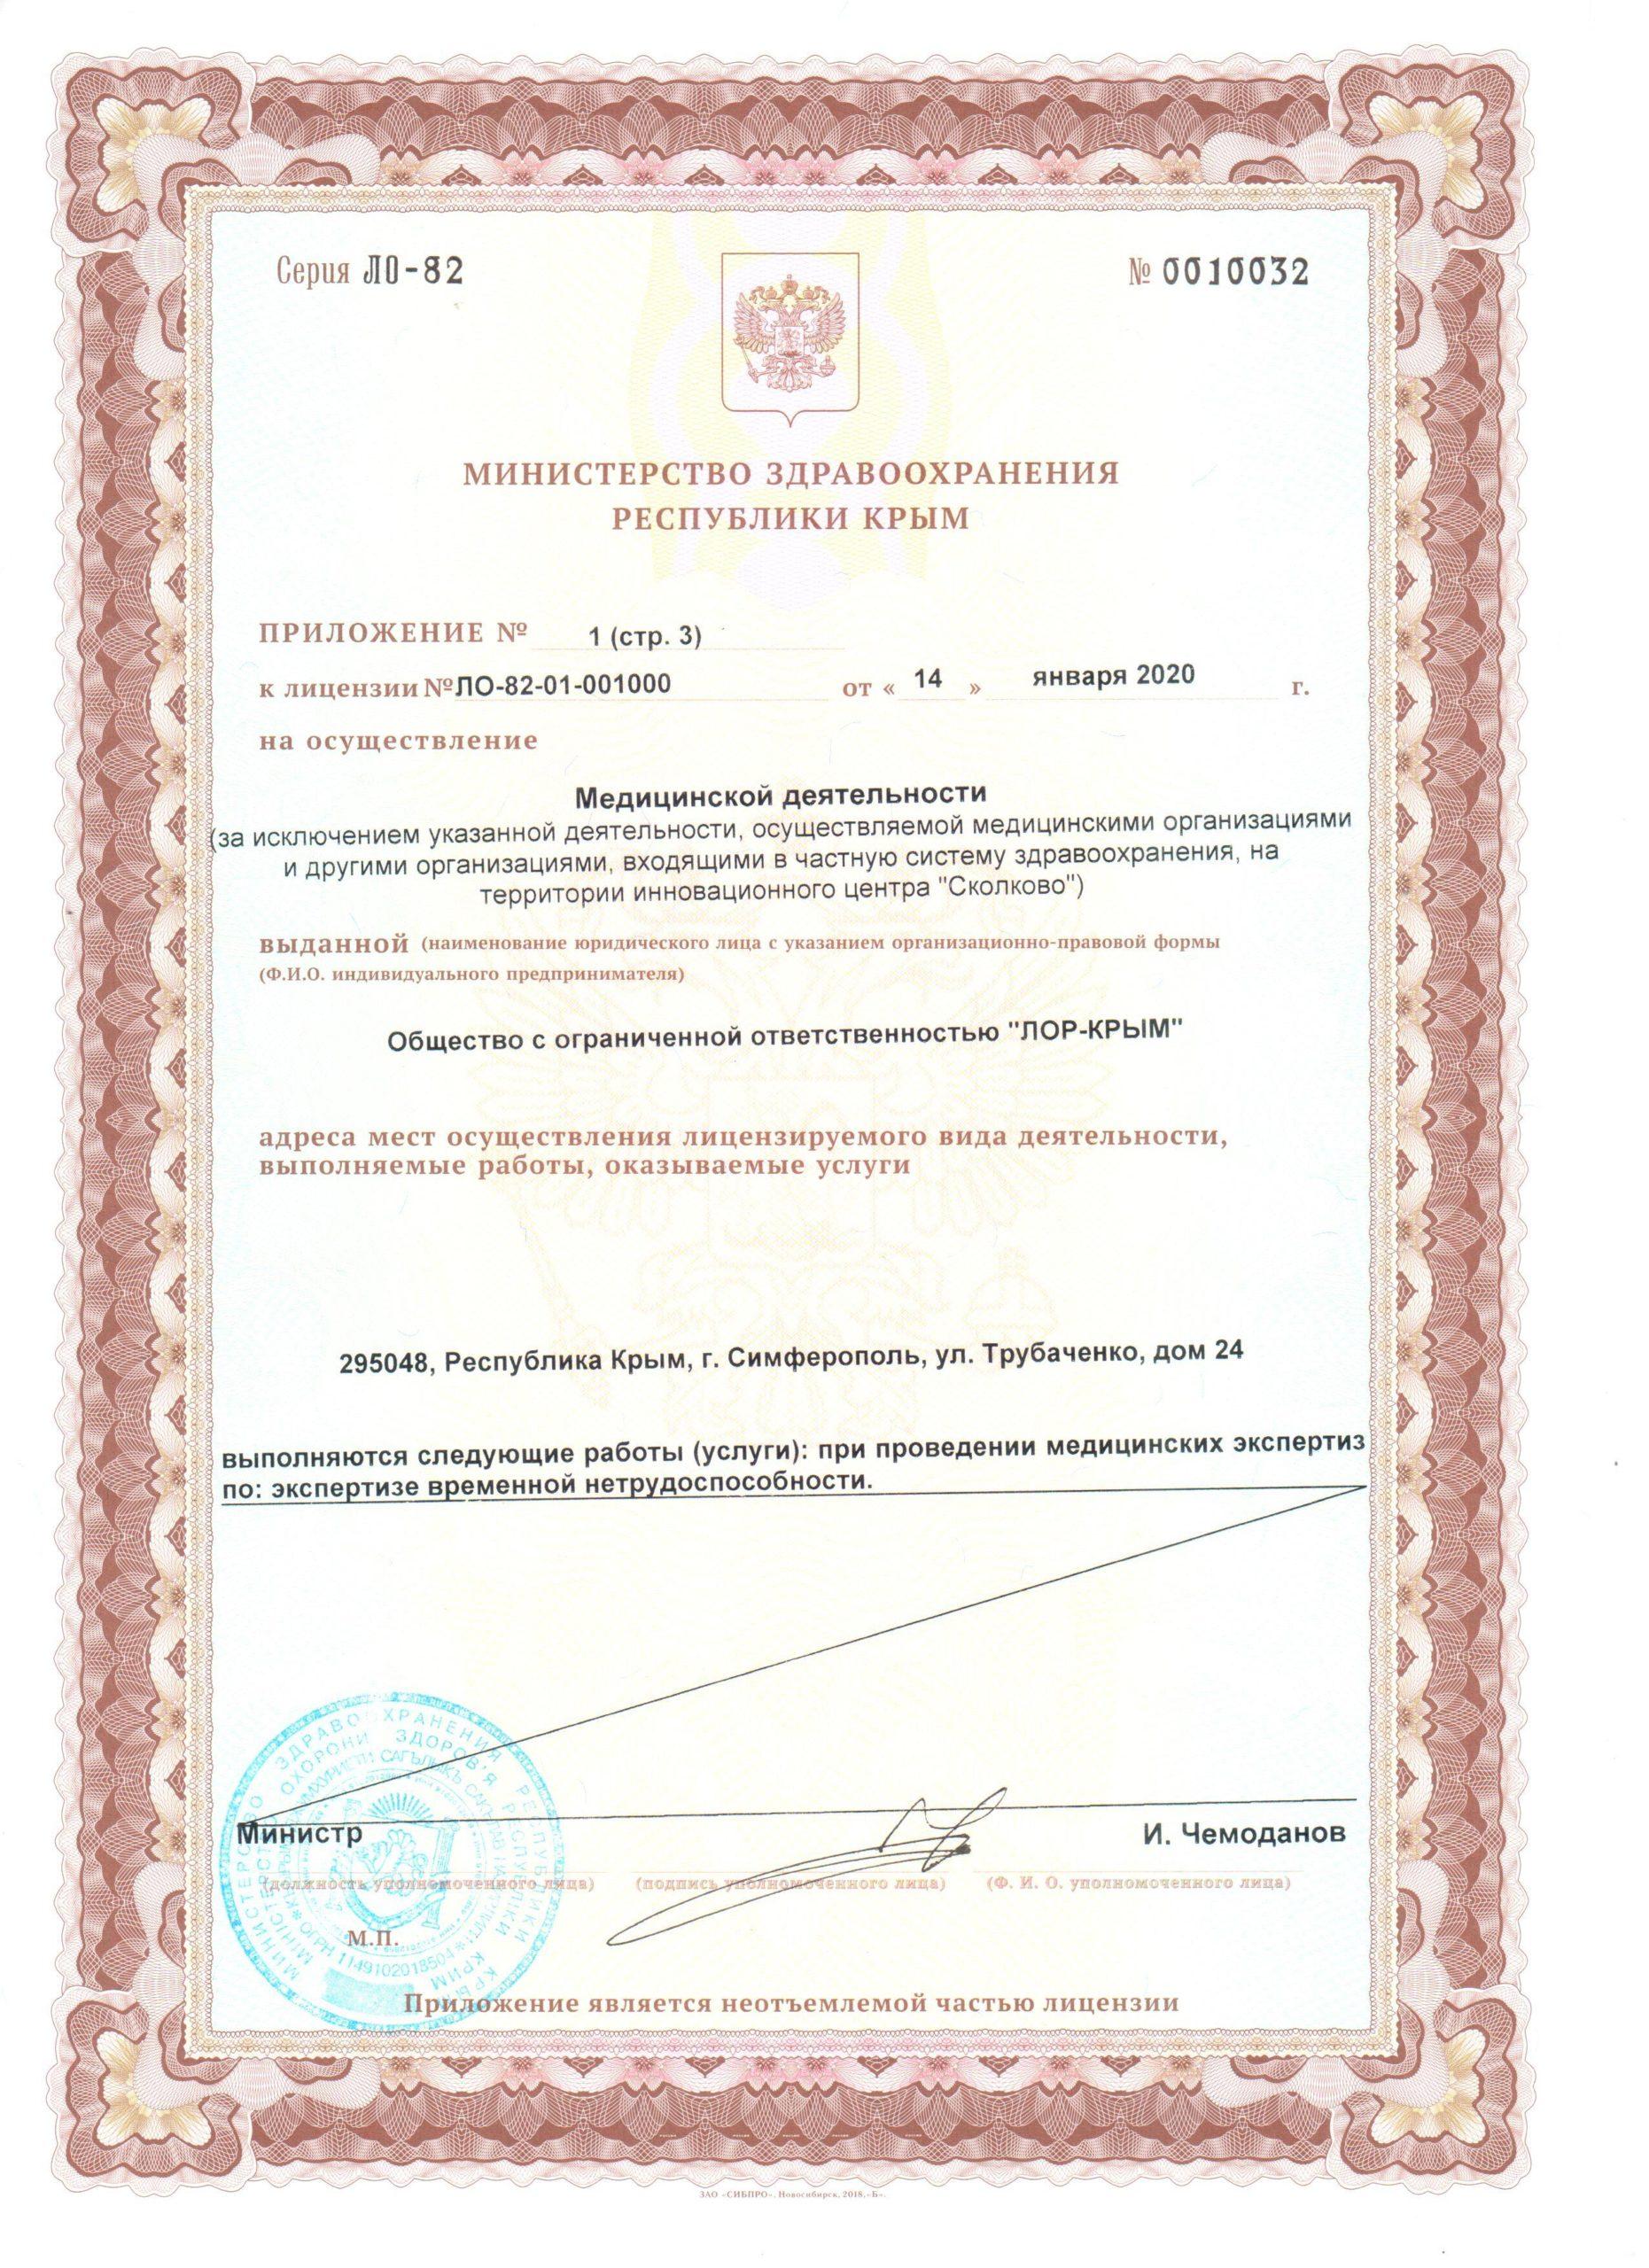 licenzija-ooo-lor-krym-5